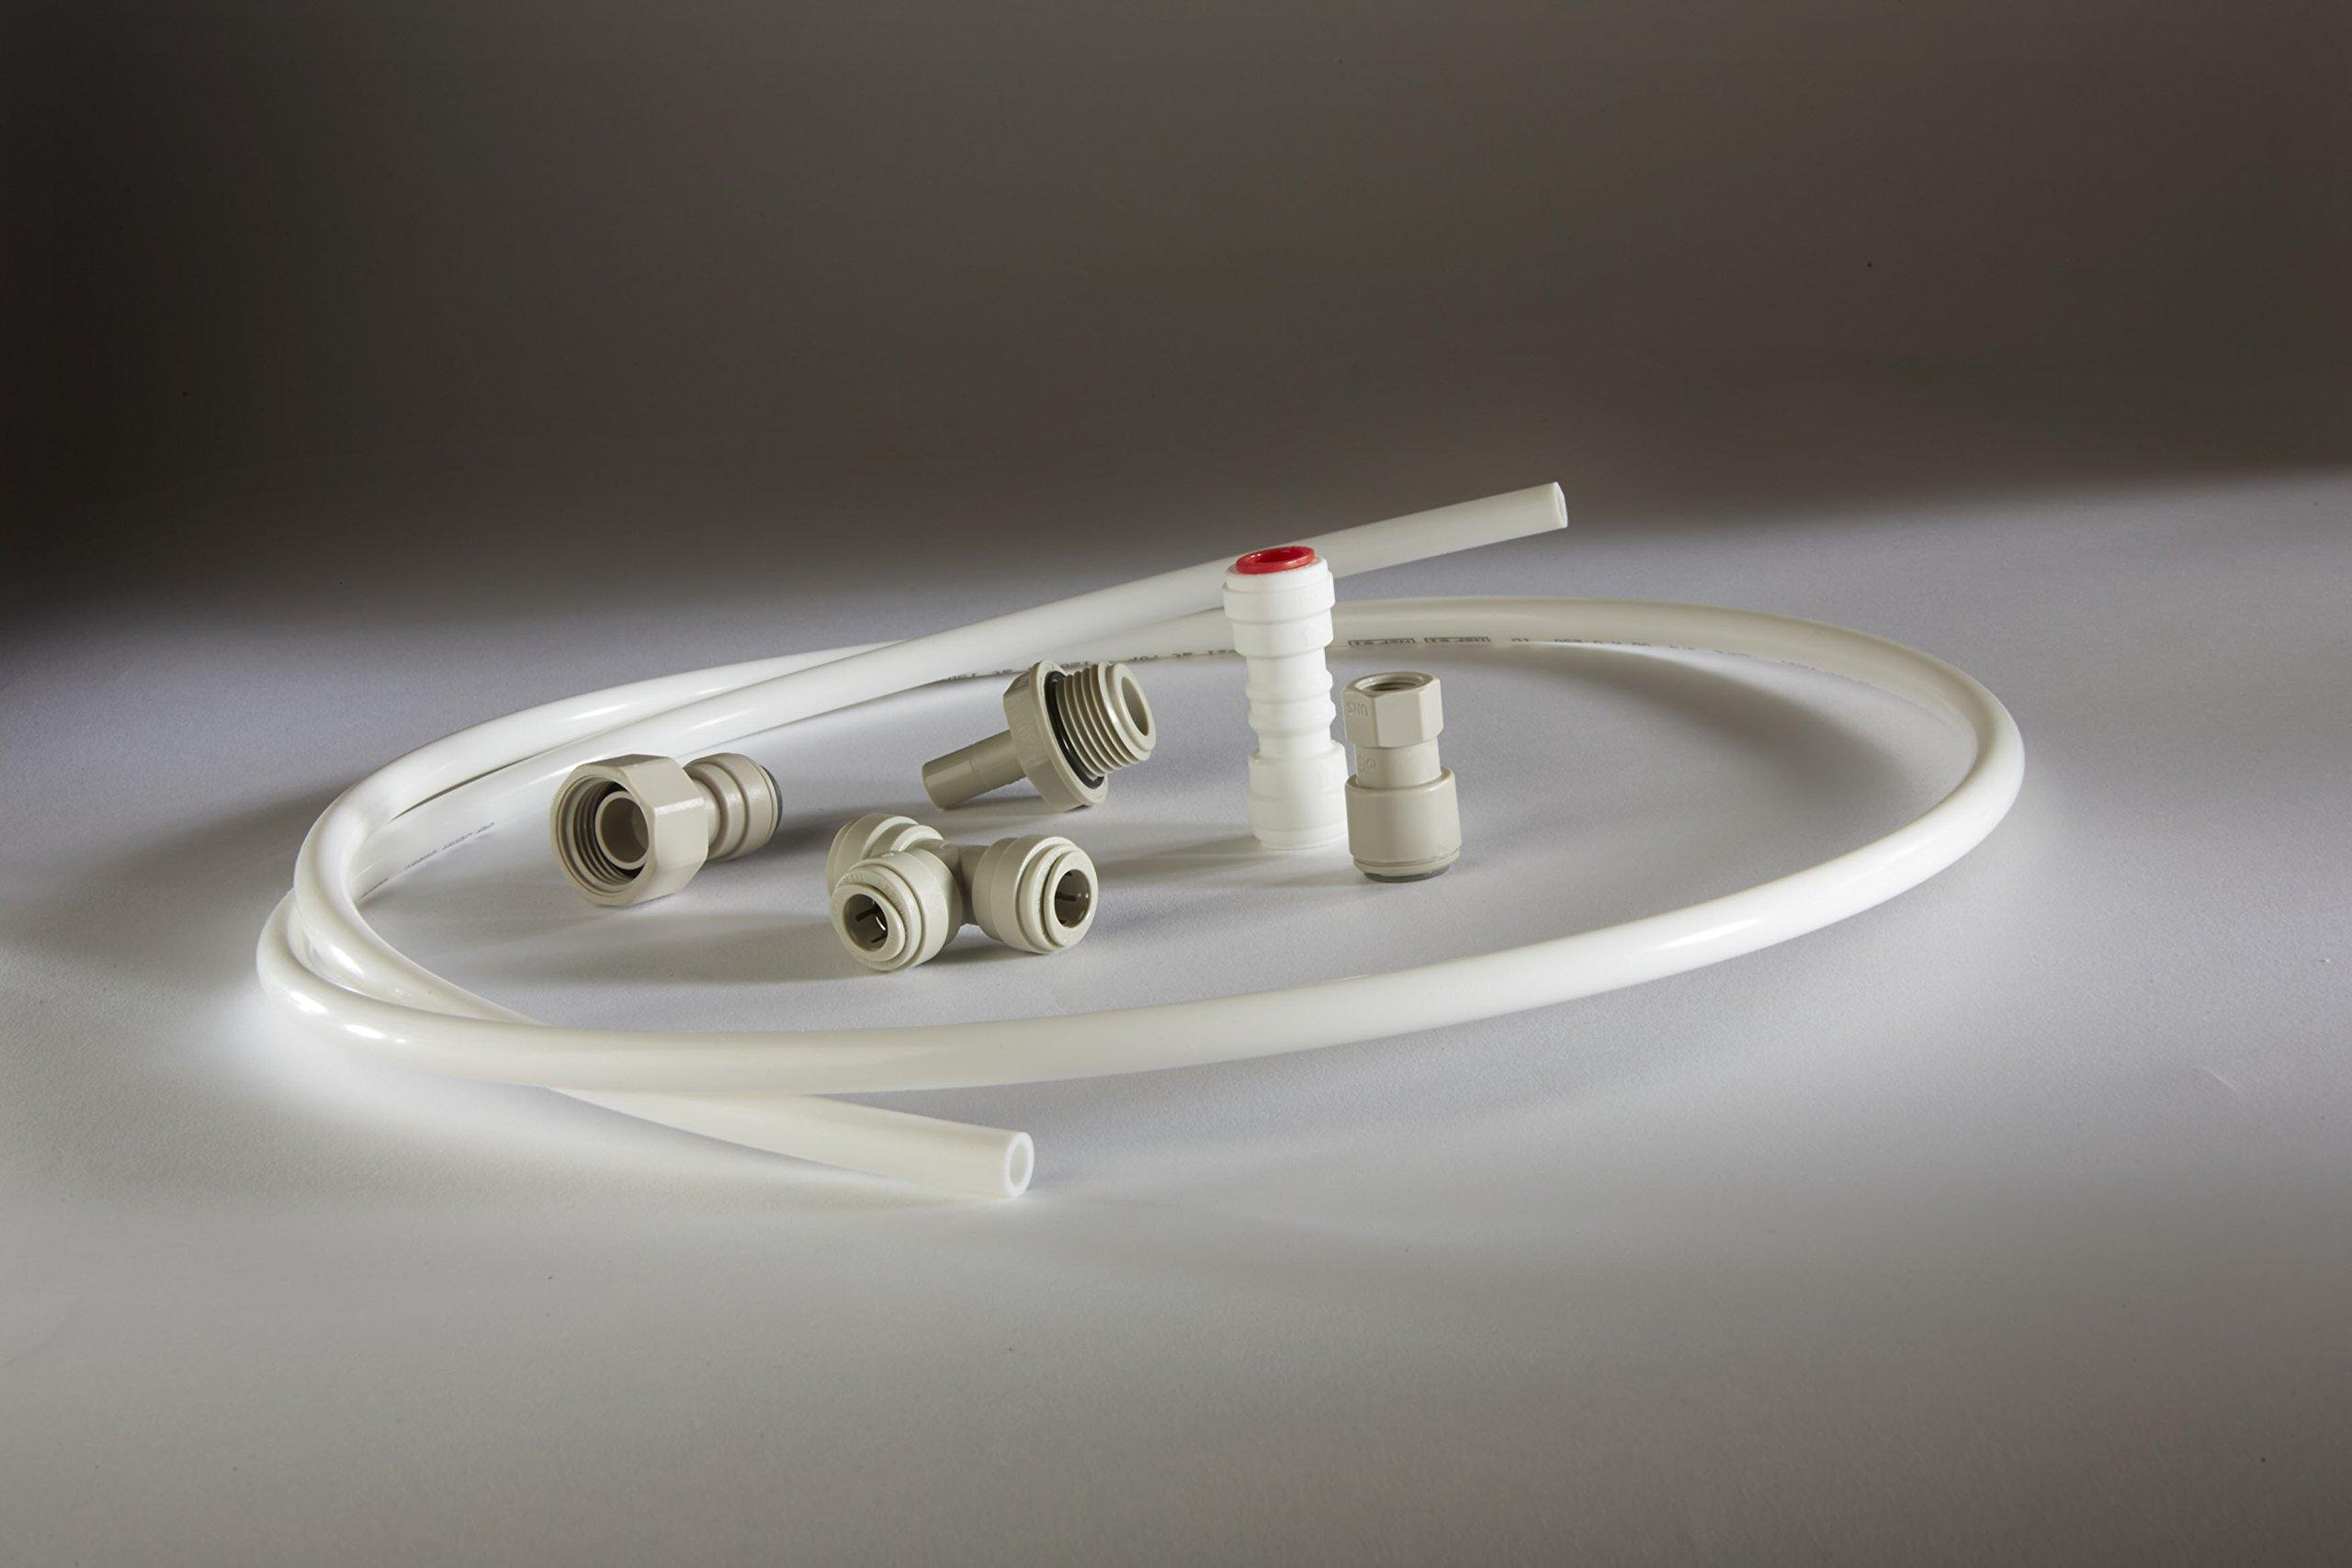 Doulton instalación Kit incluyendo tuberías y adaptadores para ...